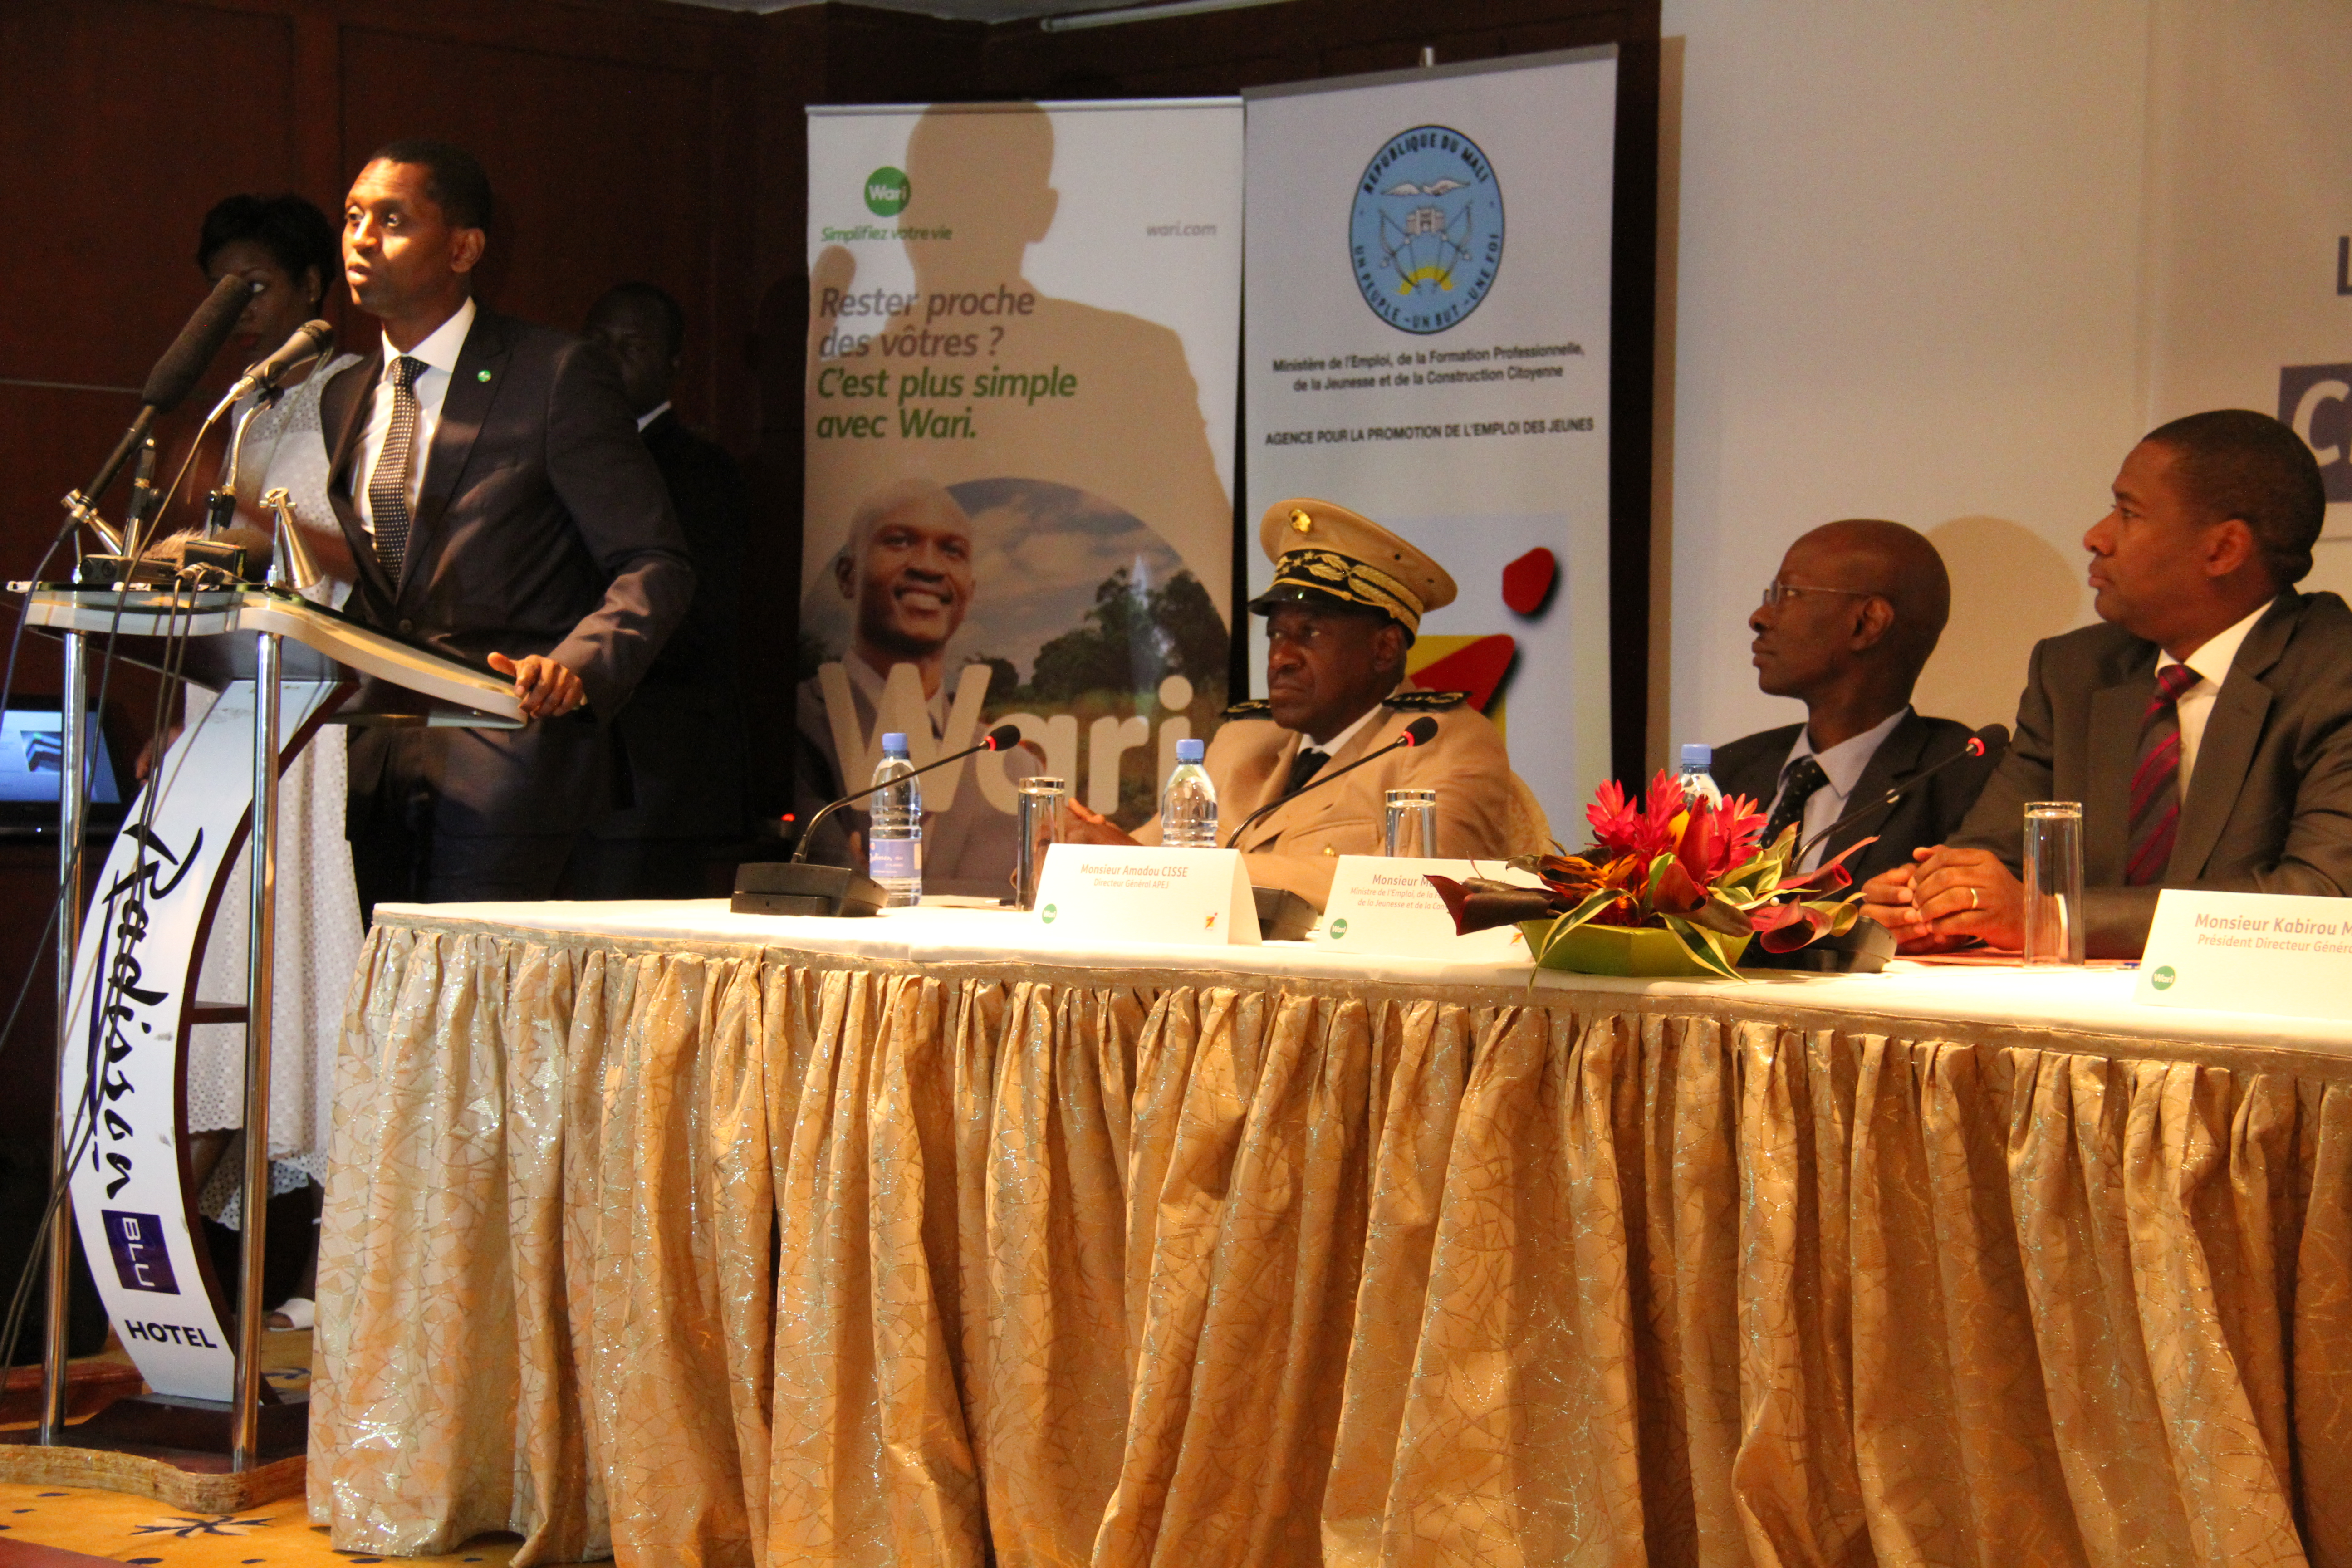 Partenariat Public-Privé APEJ/Wari pour la création de 6000 emplois jeunes au Mali